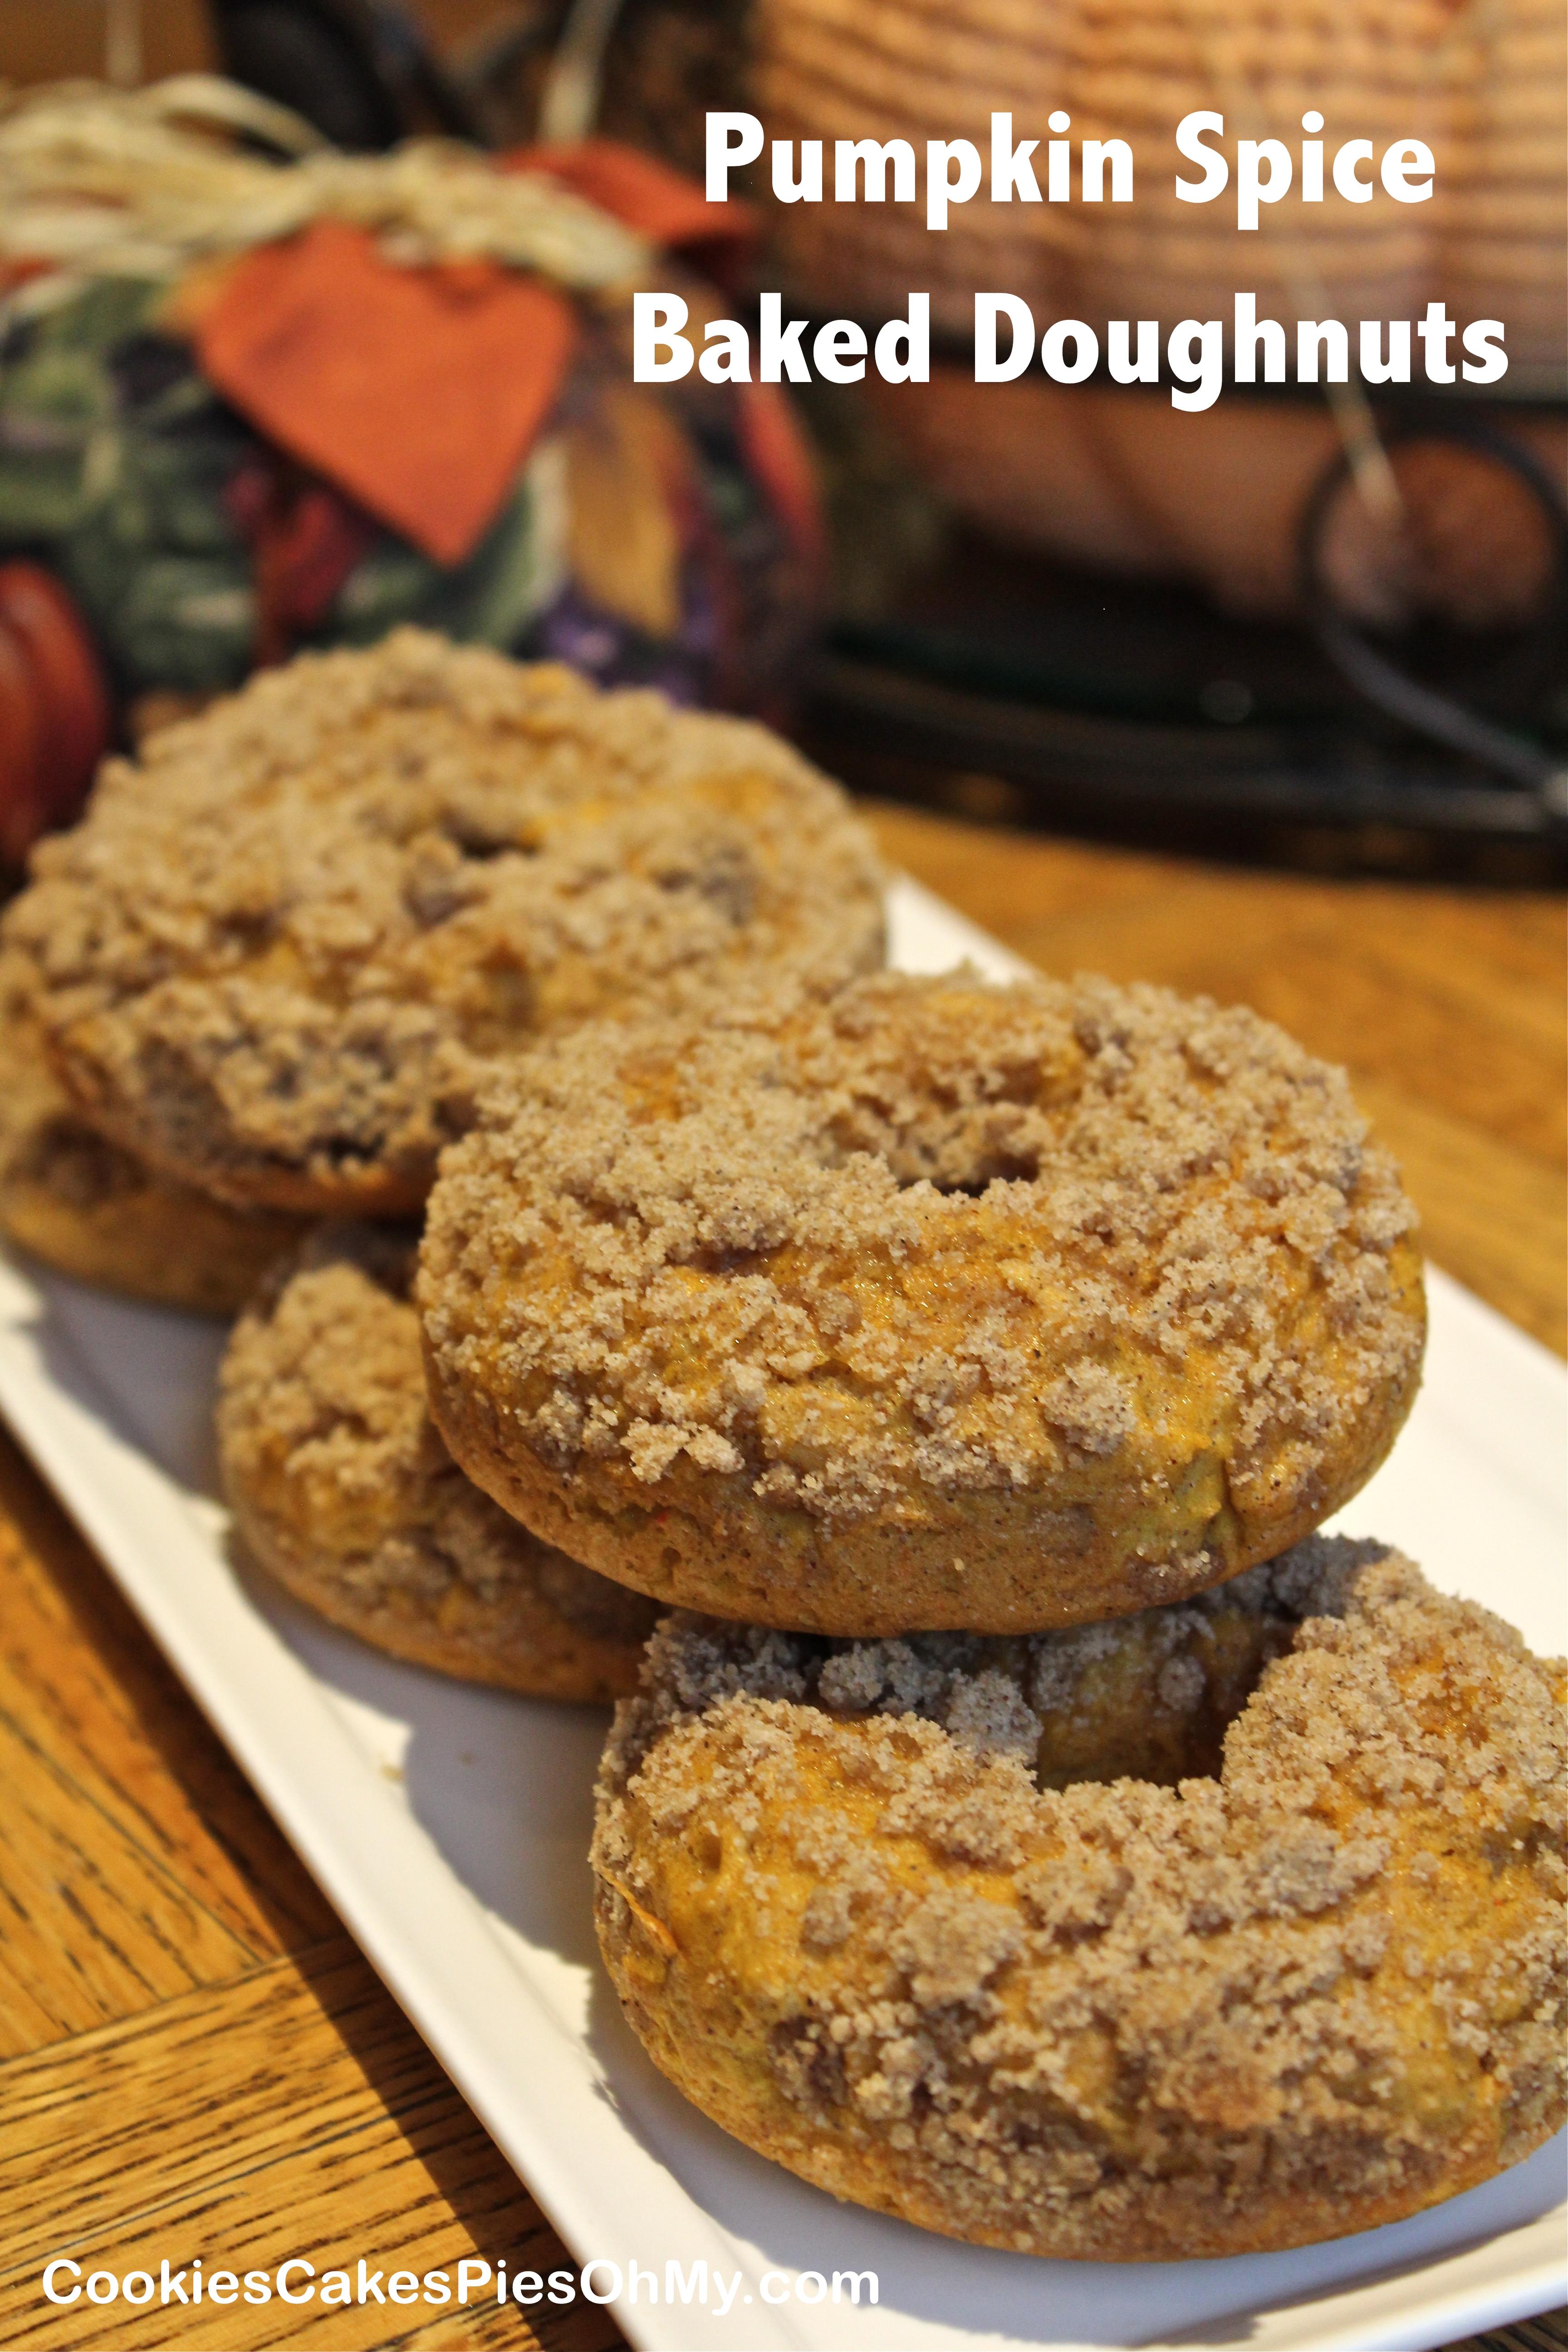 Pumpkin Spice Baked Doughnuts.jpg